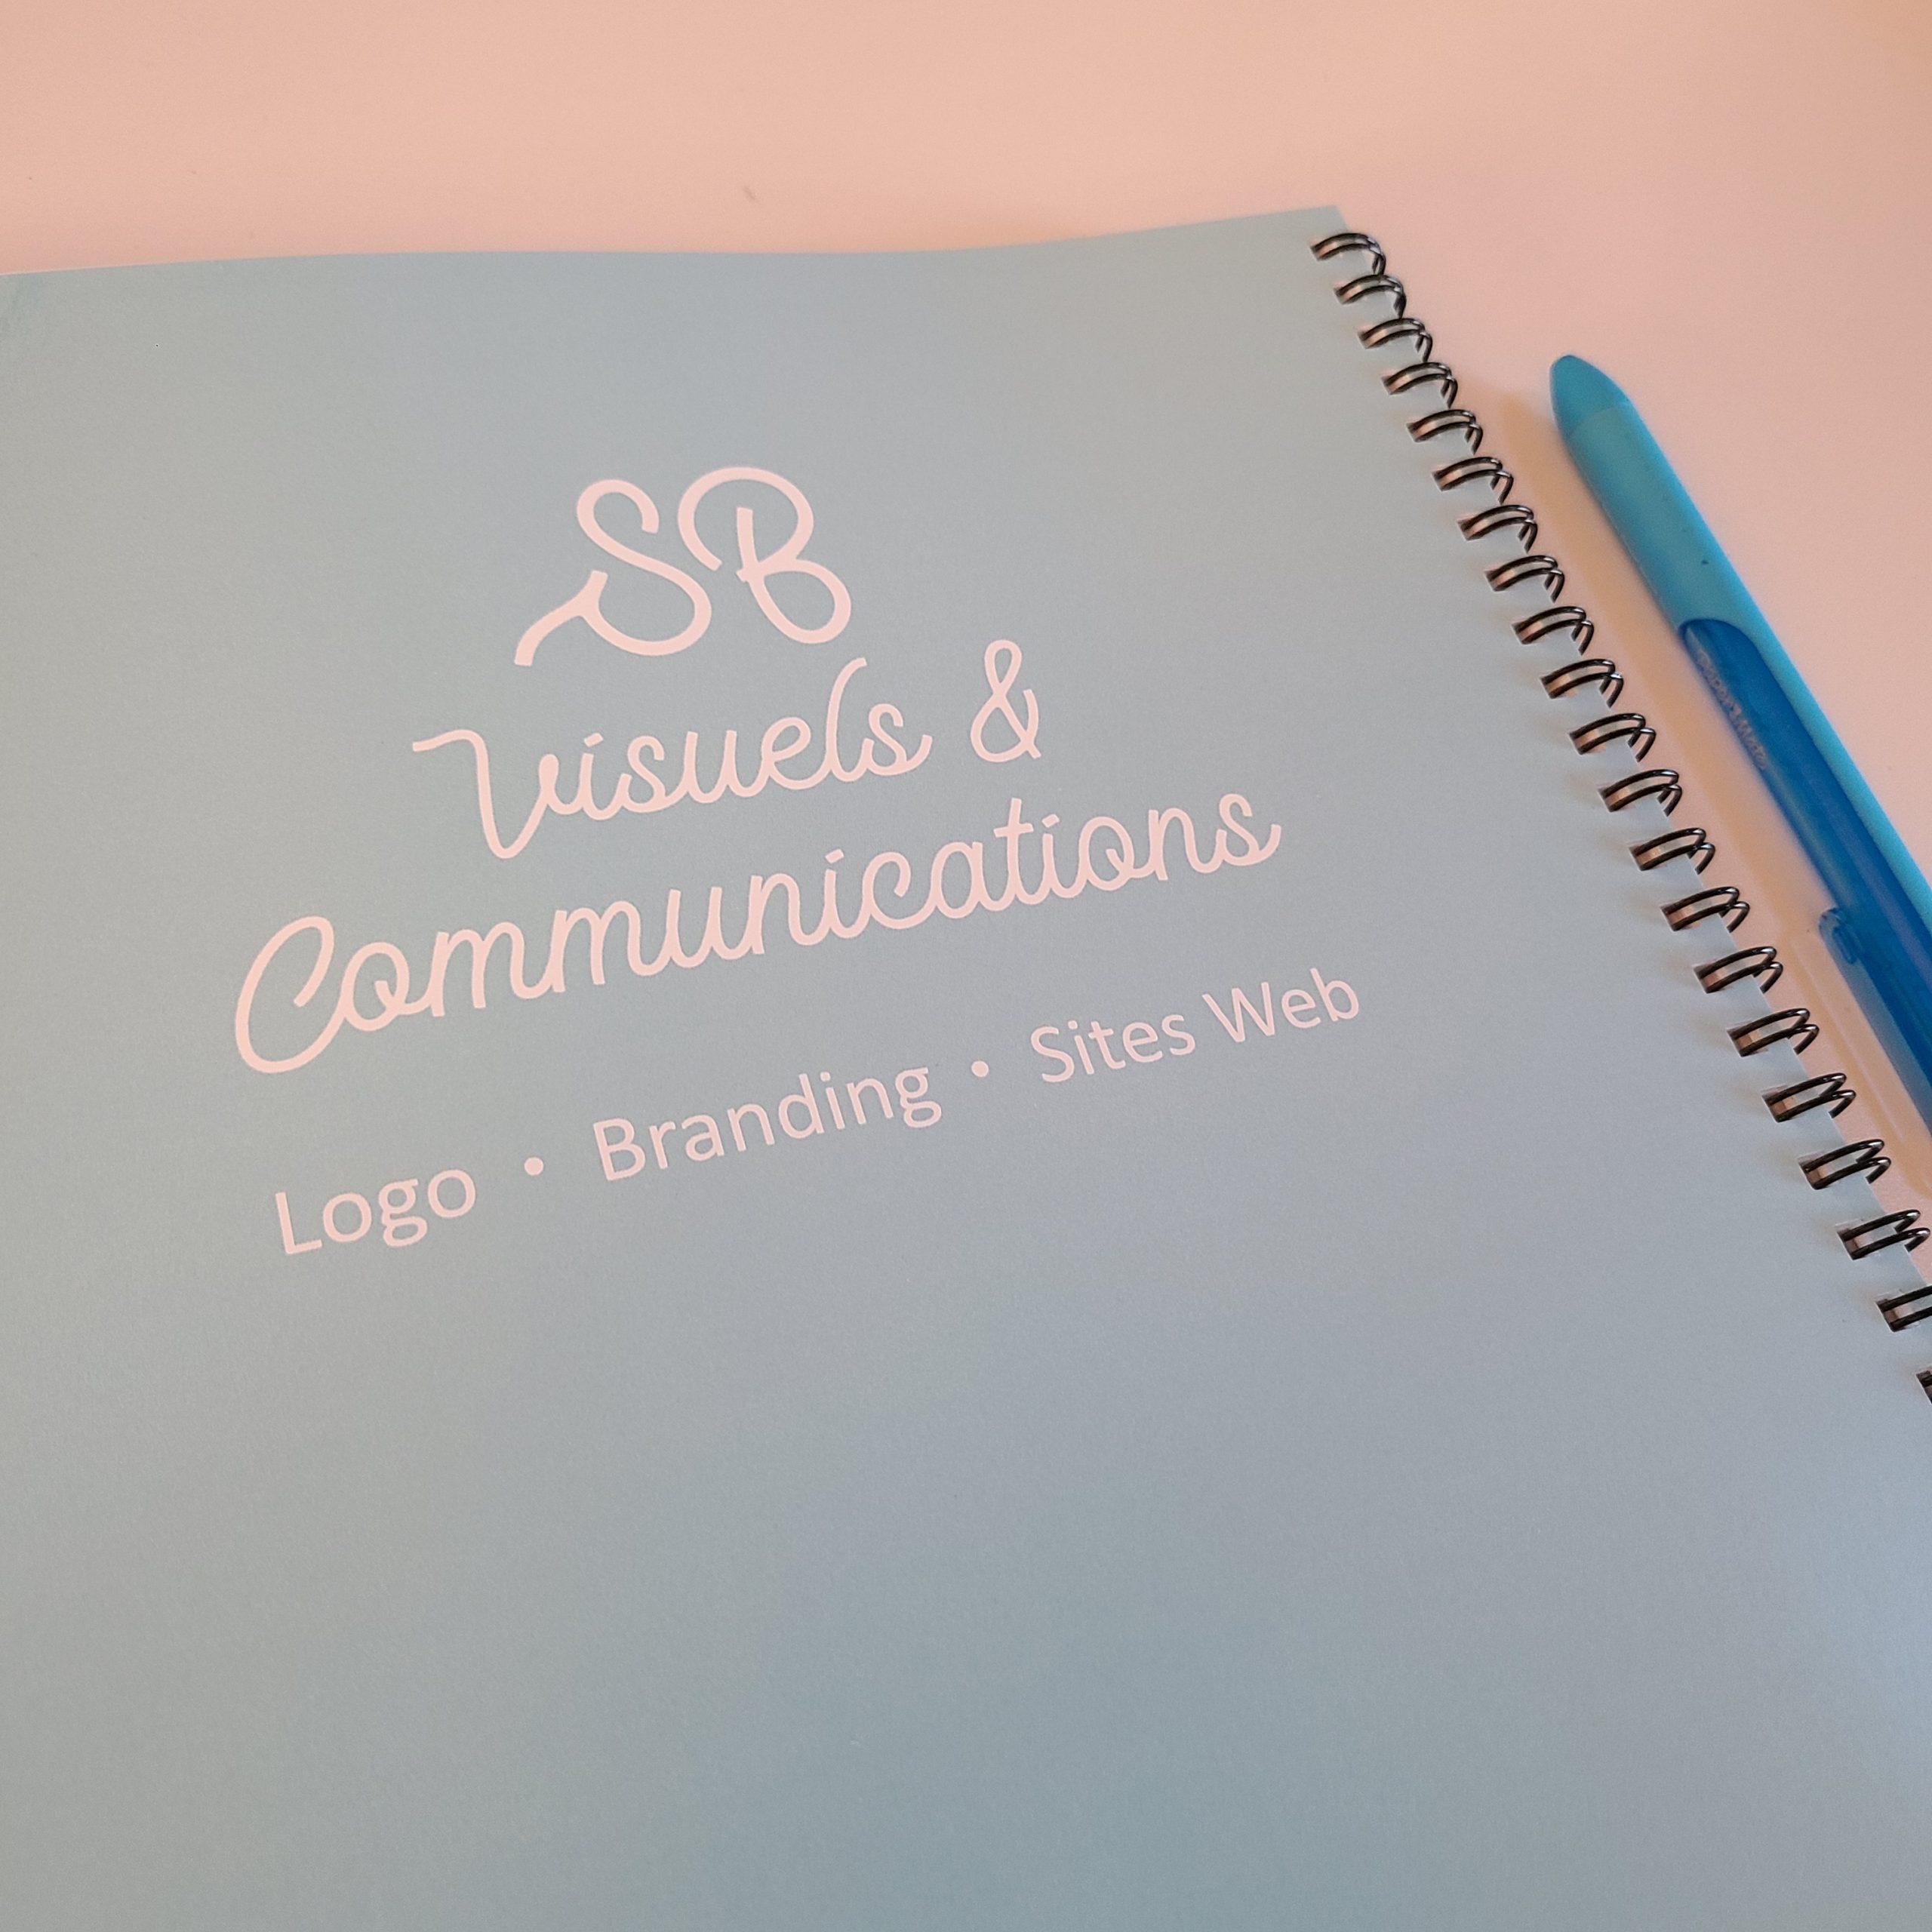 logo branding identité visuelle palette de couleurs